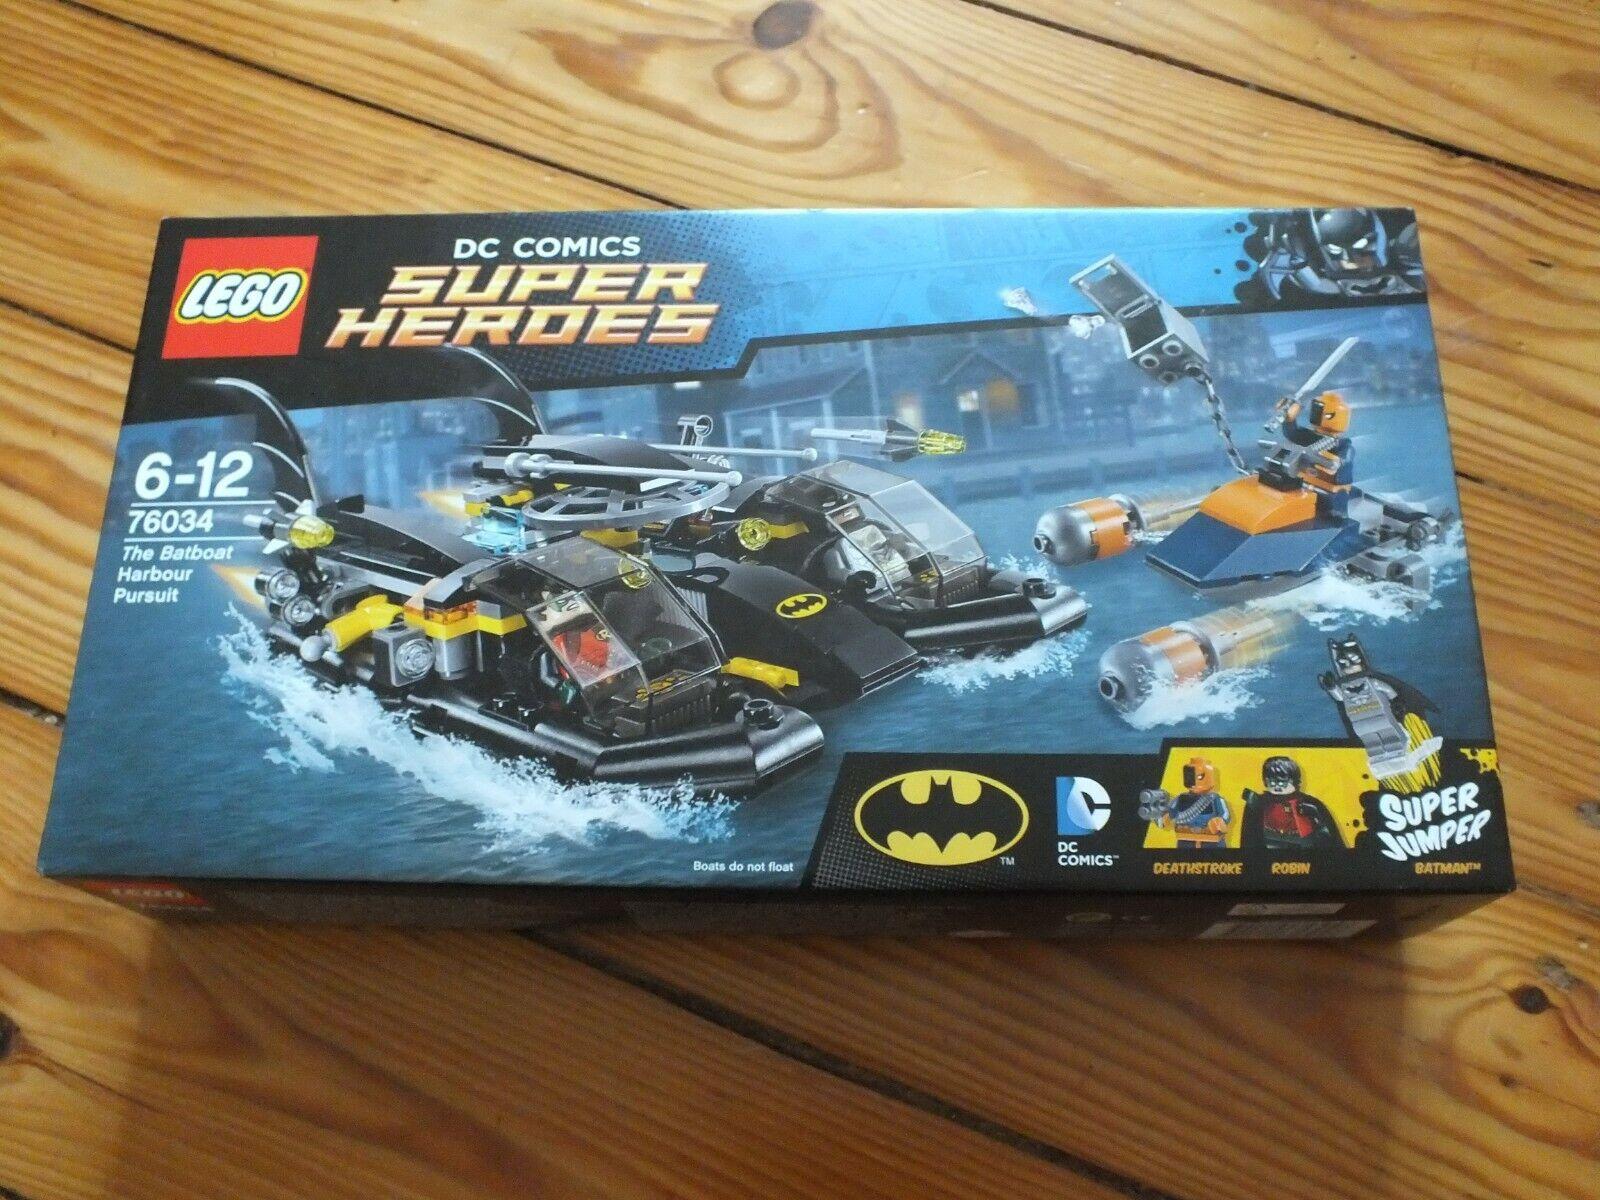 NEU Lego   76034 76034 76034 DC Super Heroes Batboat Harbour Pursuit Batman Robin NEU 8bc67f